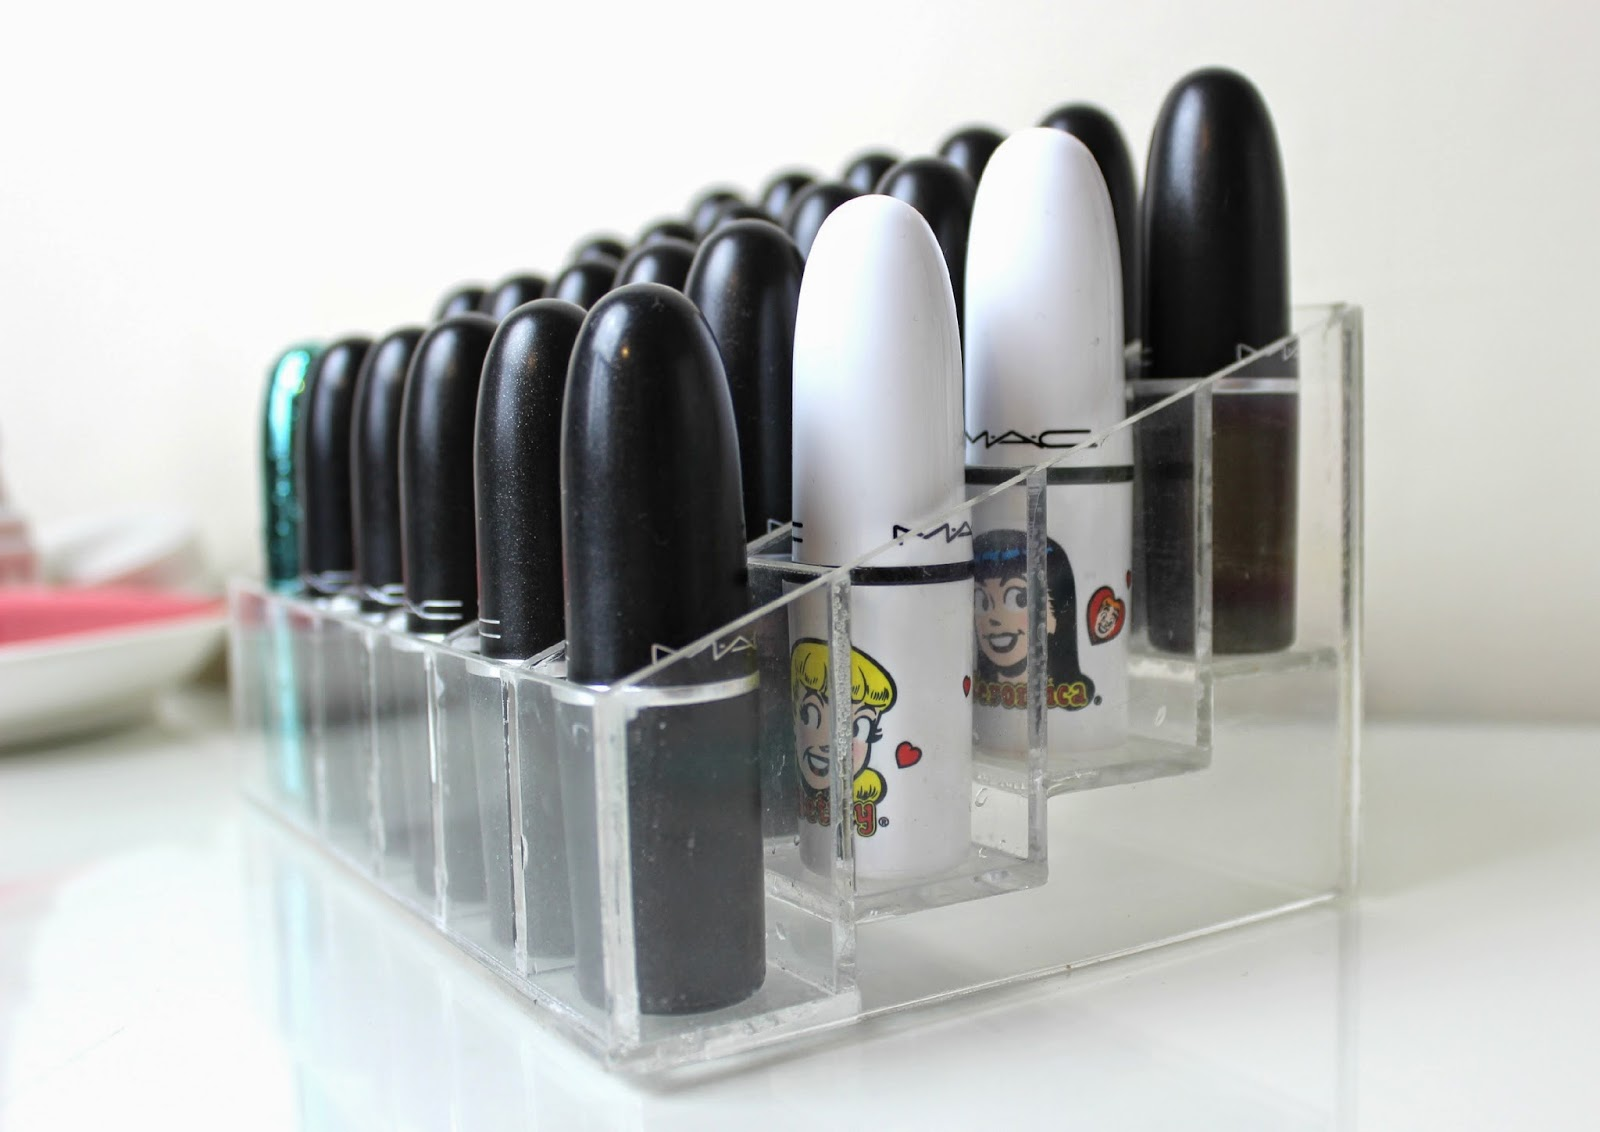 Acrylic Lipstick Storage